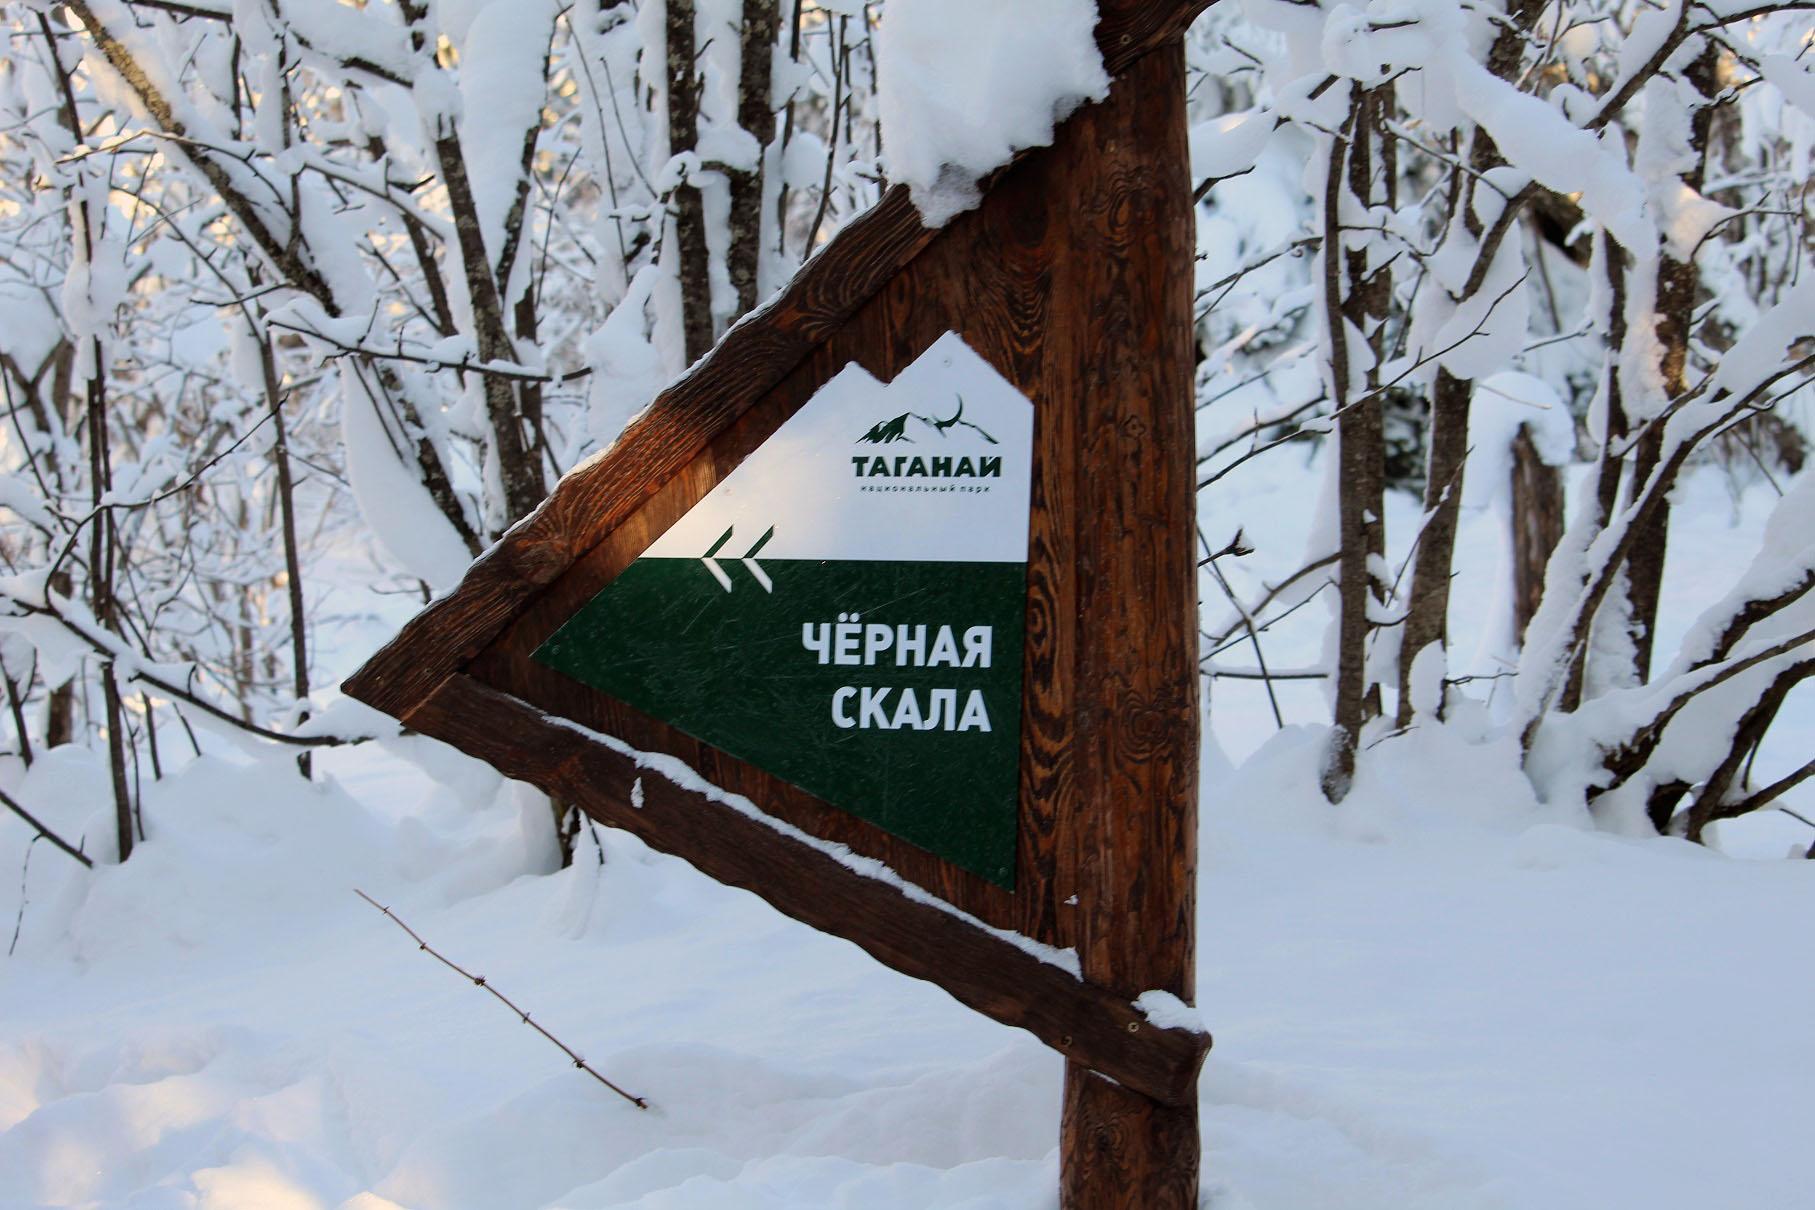 Коллектив национального парка «Таганай» обсудил итоги работы уходящего года. Работники рассказали